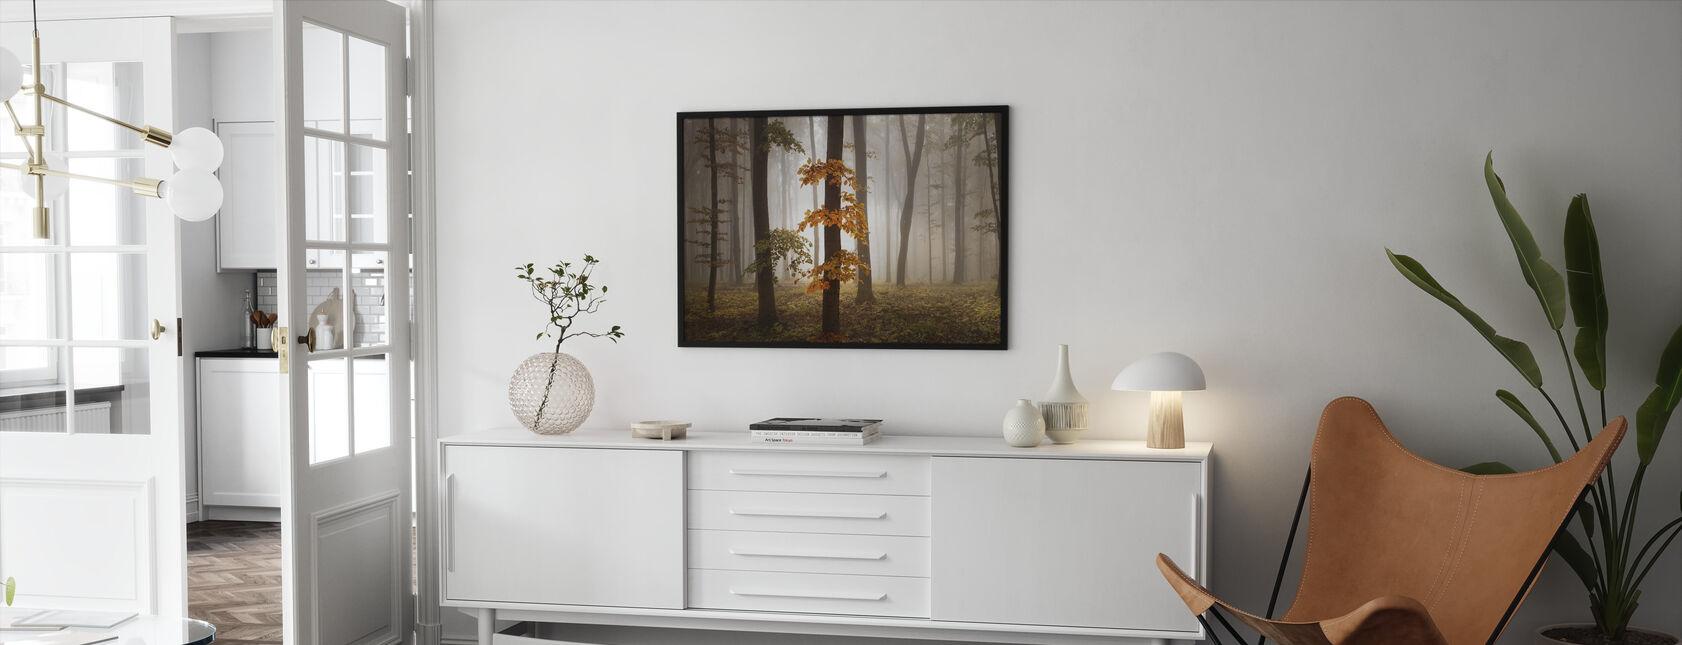 In November Light - Framed print - Living Room